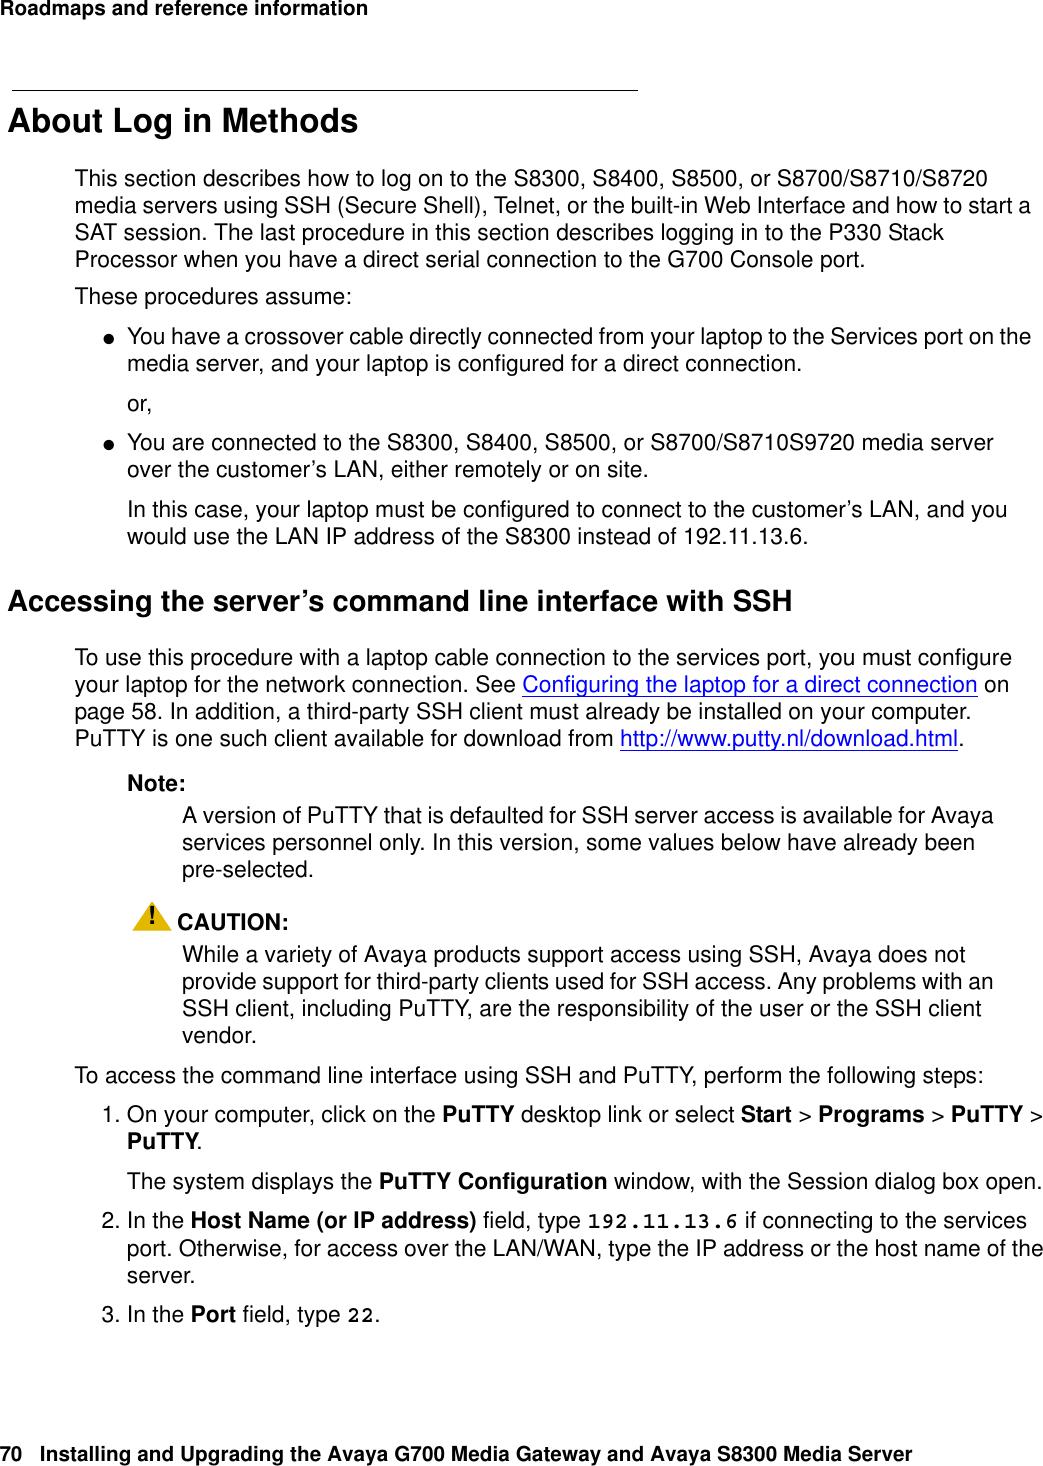 Avaya Media Gateway G700 Users Manual Installing And Upgrading